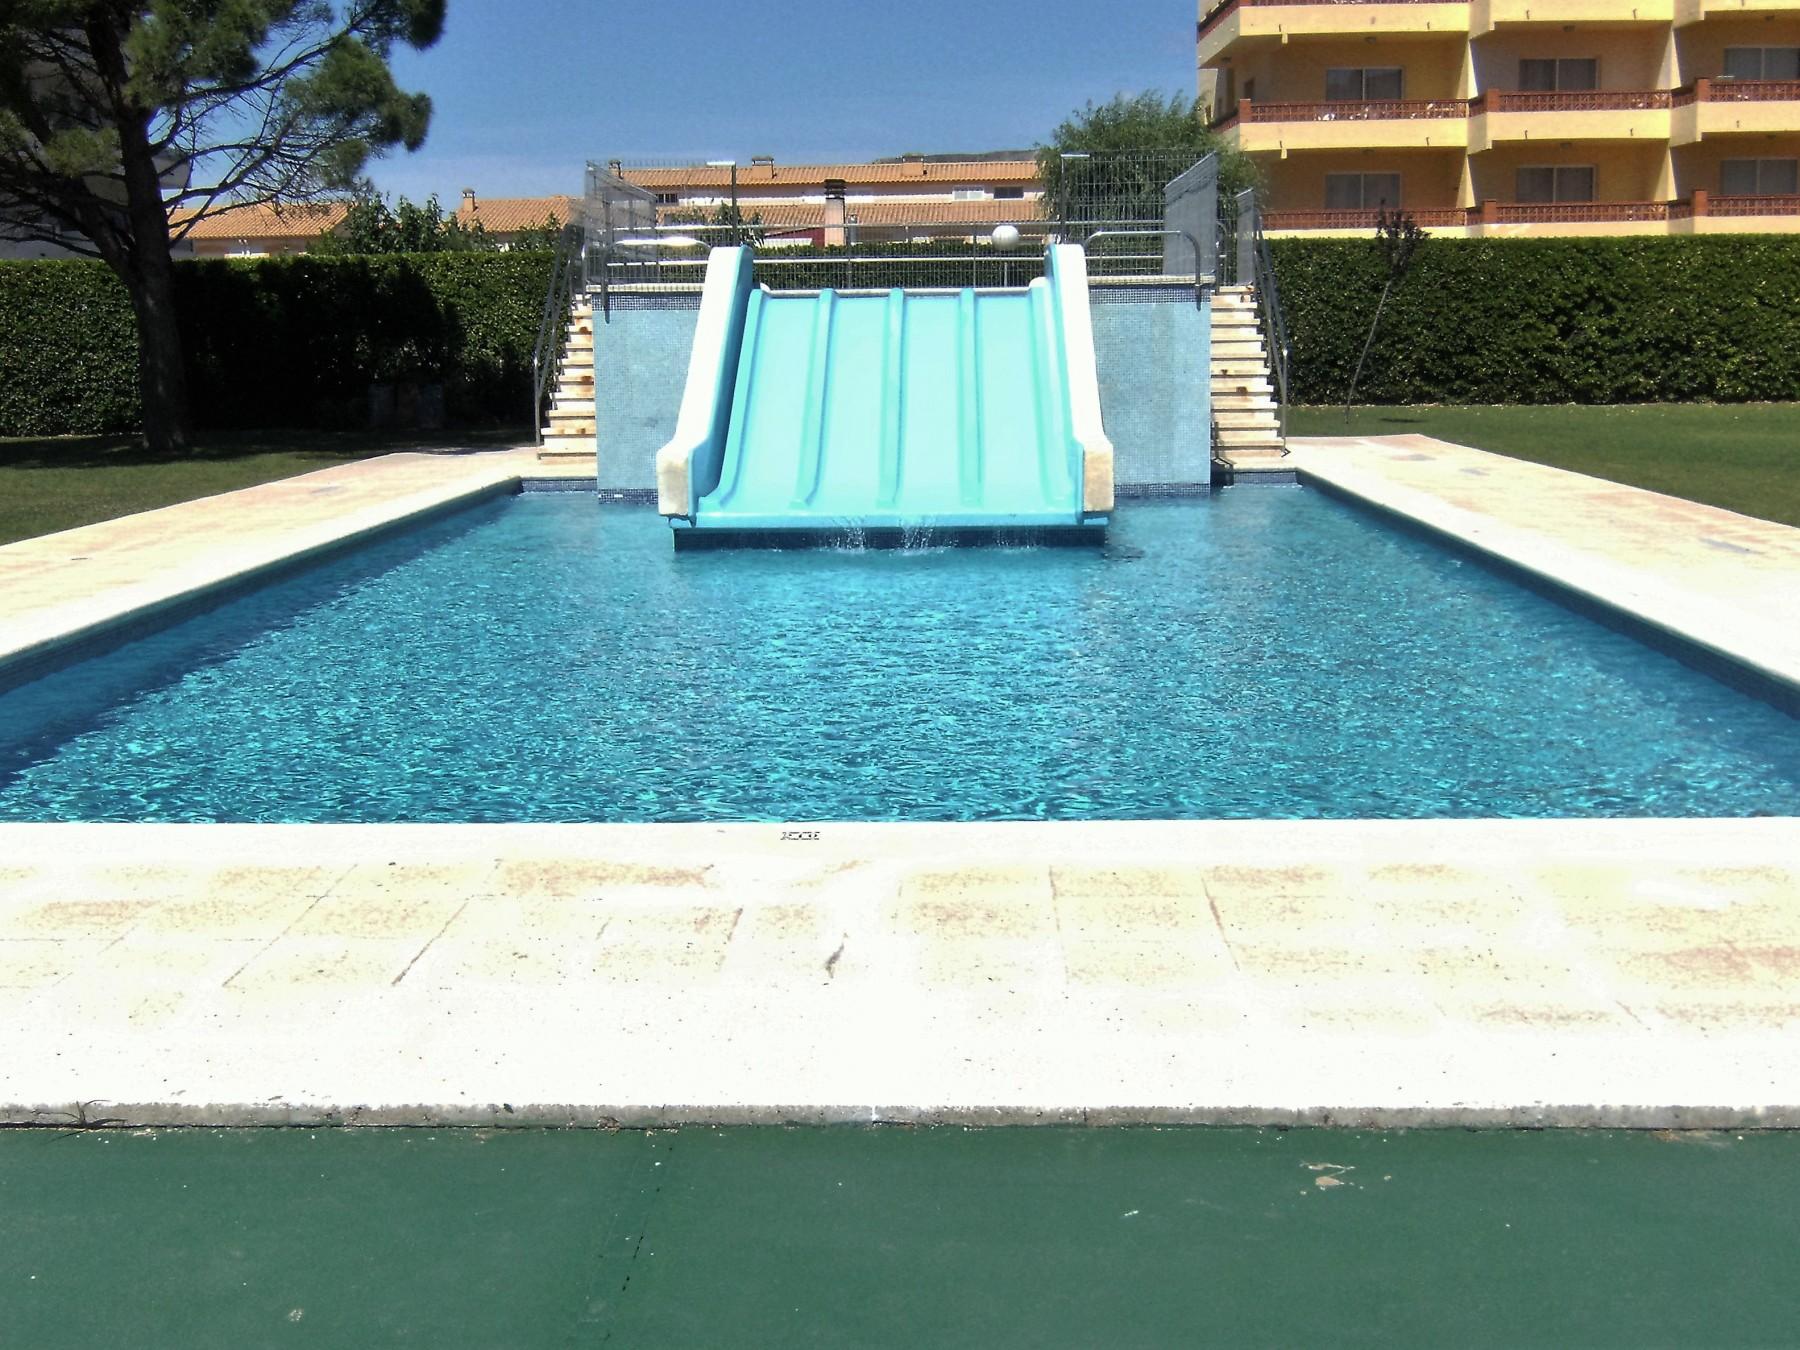 Ferienwohnung BLAU PARK 302 PK 5 (2098675), Els Griells, Costa Brava, Katalonien, Spanien, Bild 4